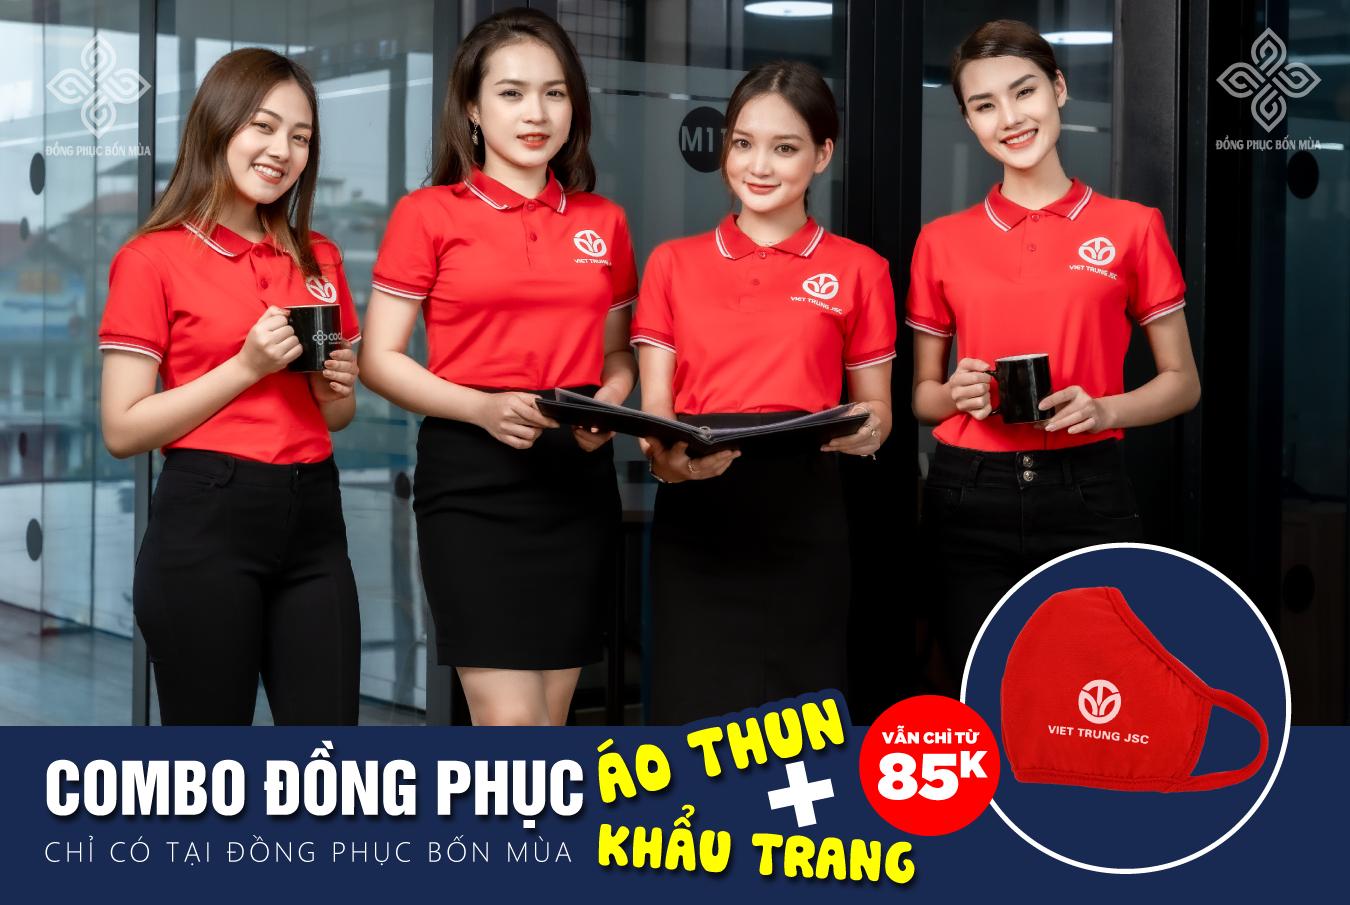 mua_ao_dong_phuc_tang_dong_phuc_khau_Trang